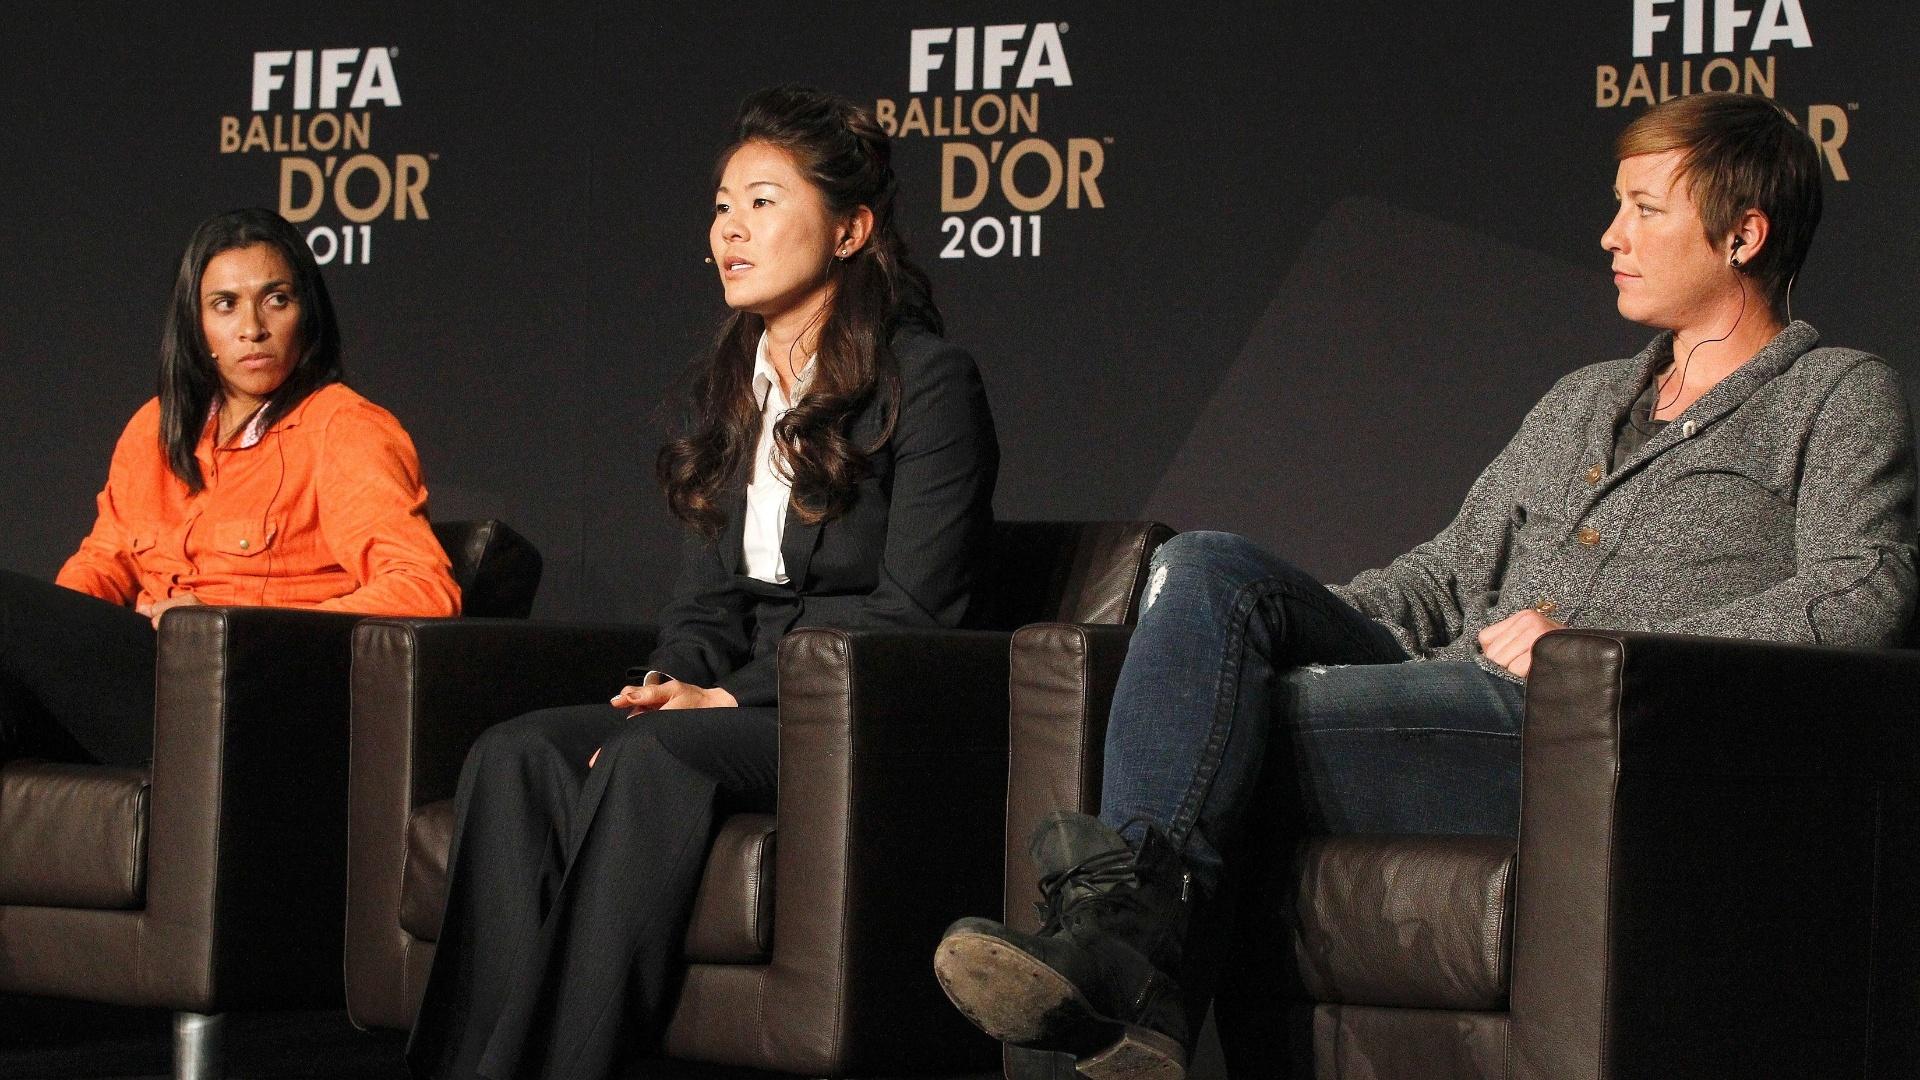 Marta, Homare e Abby são indicadas ao Bola de Ouro da Fifa. A brasileira foi superada por Homare Sawa na eleição de melhor do mundo